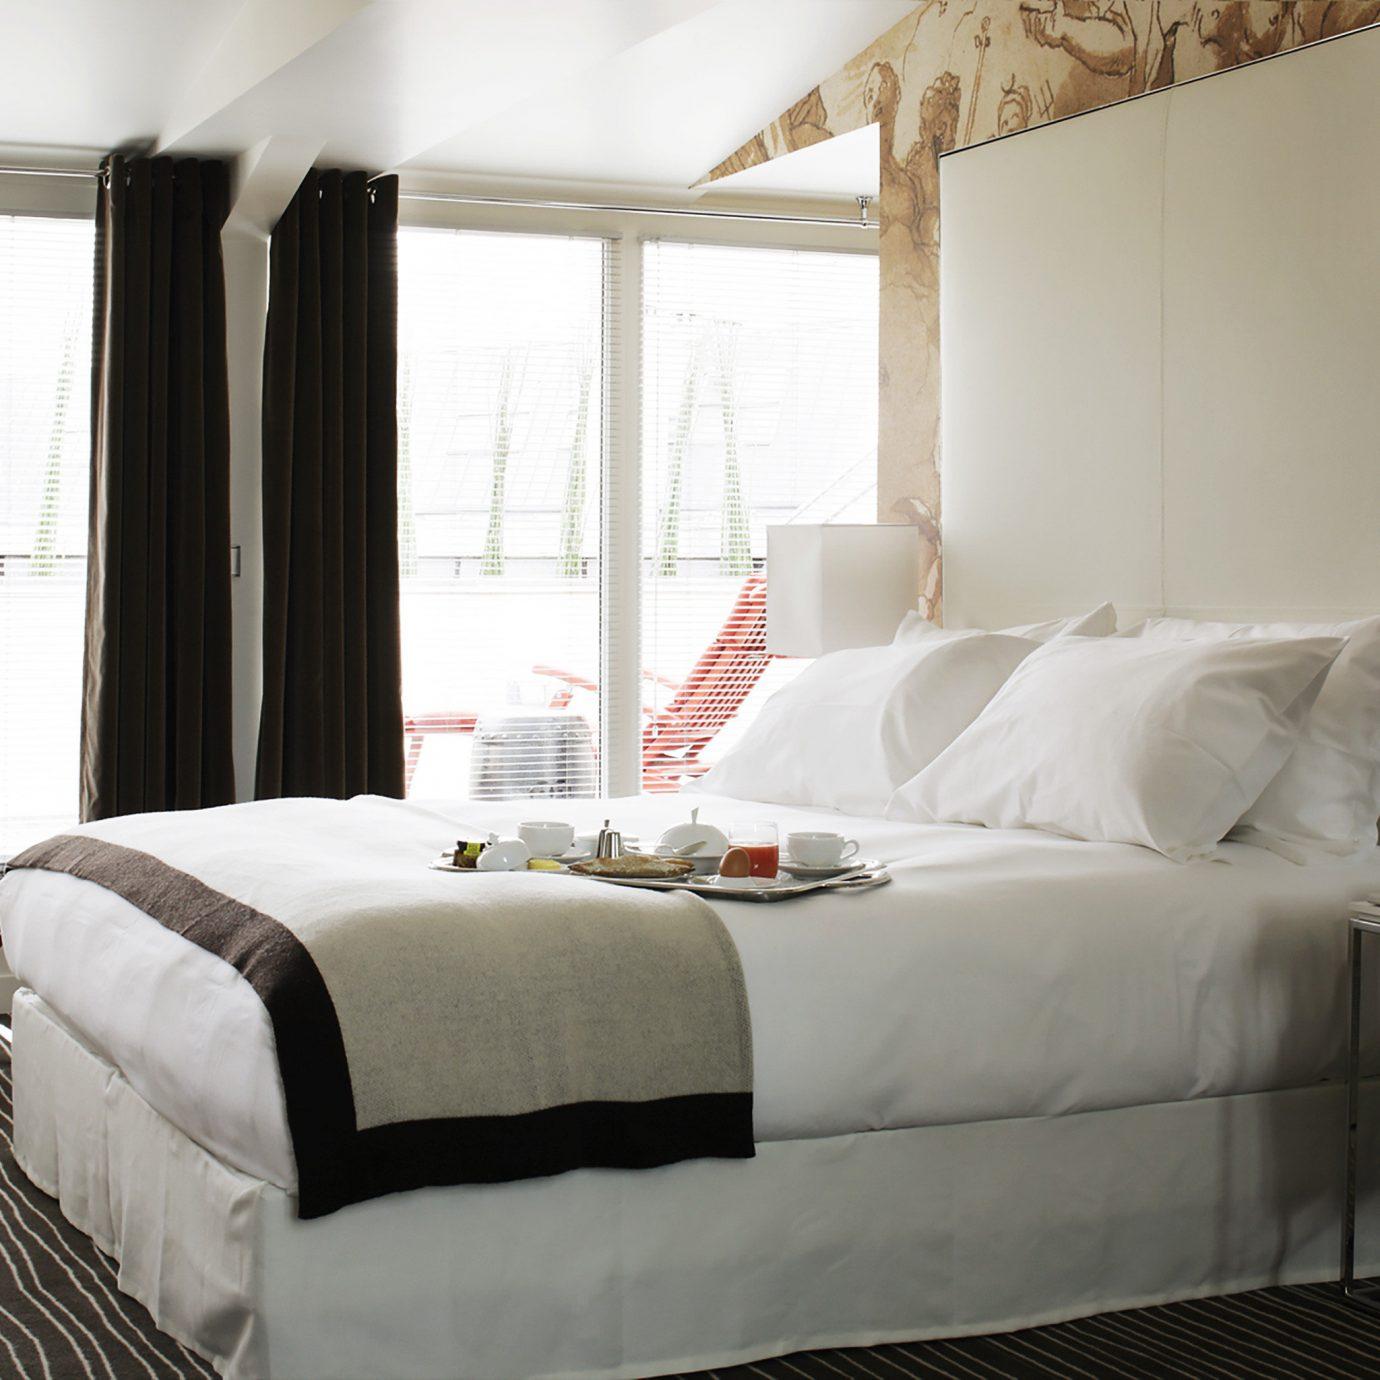 Bedroom Suite sofa property cottage bed frame living room bed sheet